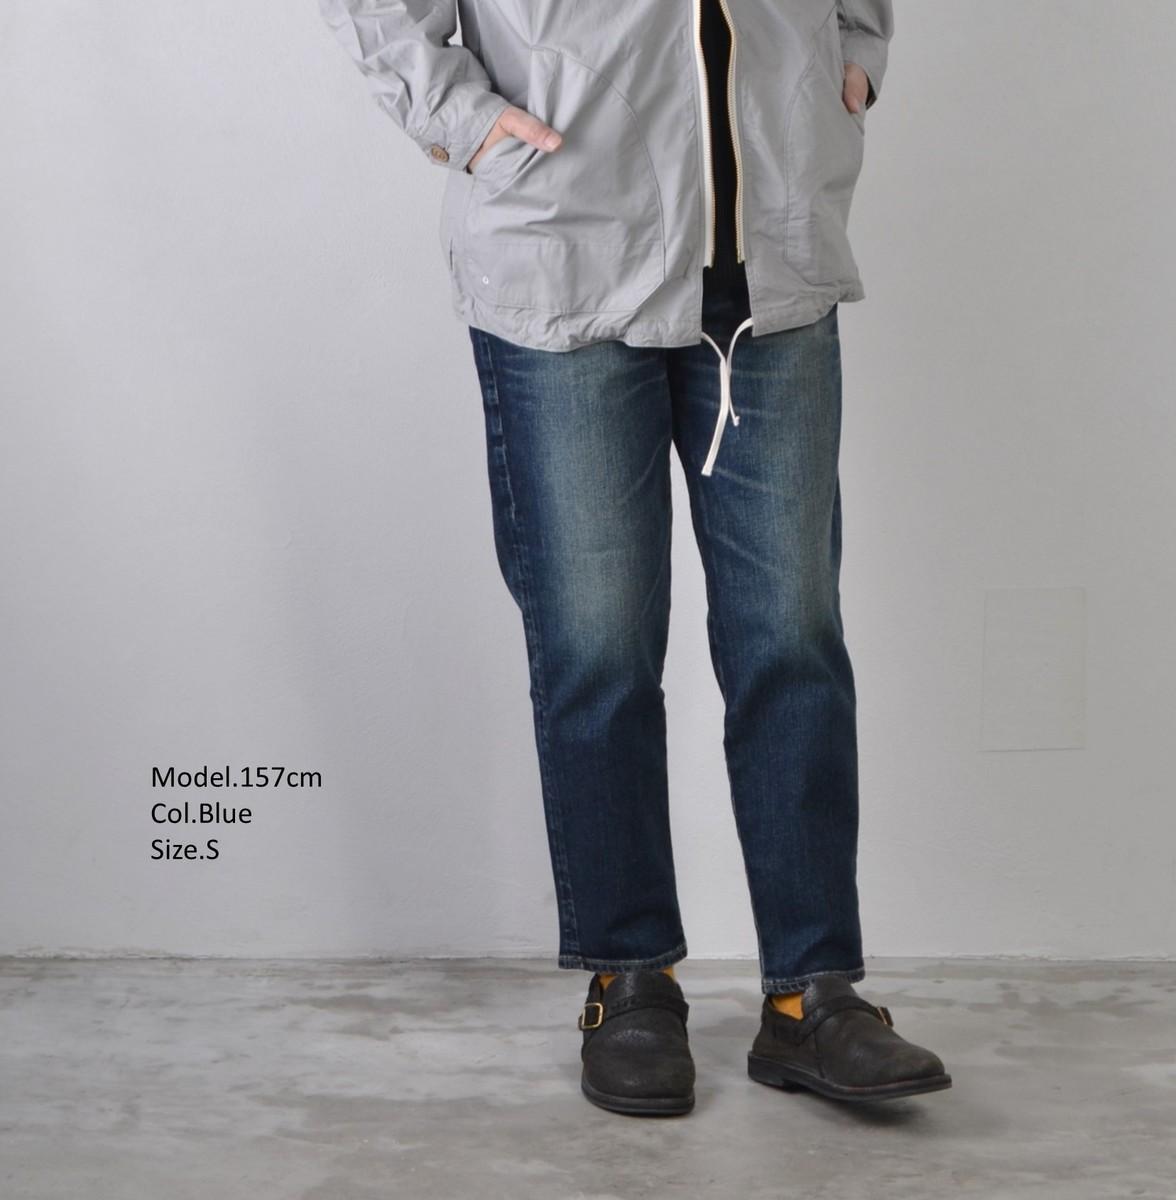 DEEP BLUE ディープブルー アンクル丈ボーイフレンドデニムパンツ 全2色 73966 送料無料 日本製 新色追加 再入荷 ボトムス レディースファッション デニム パンツ